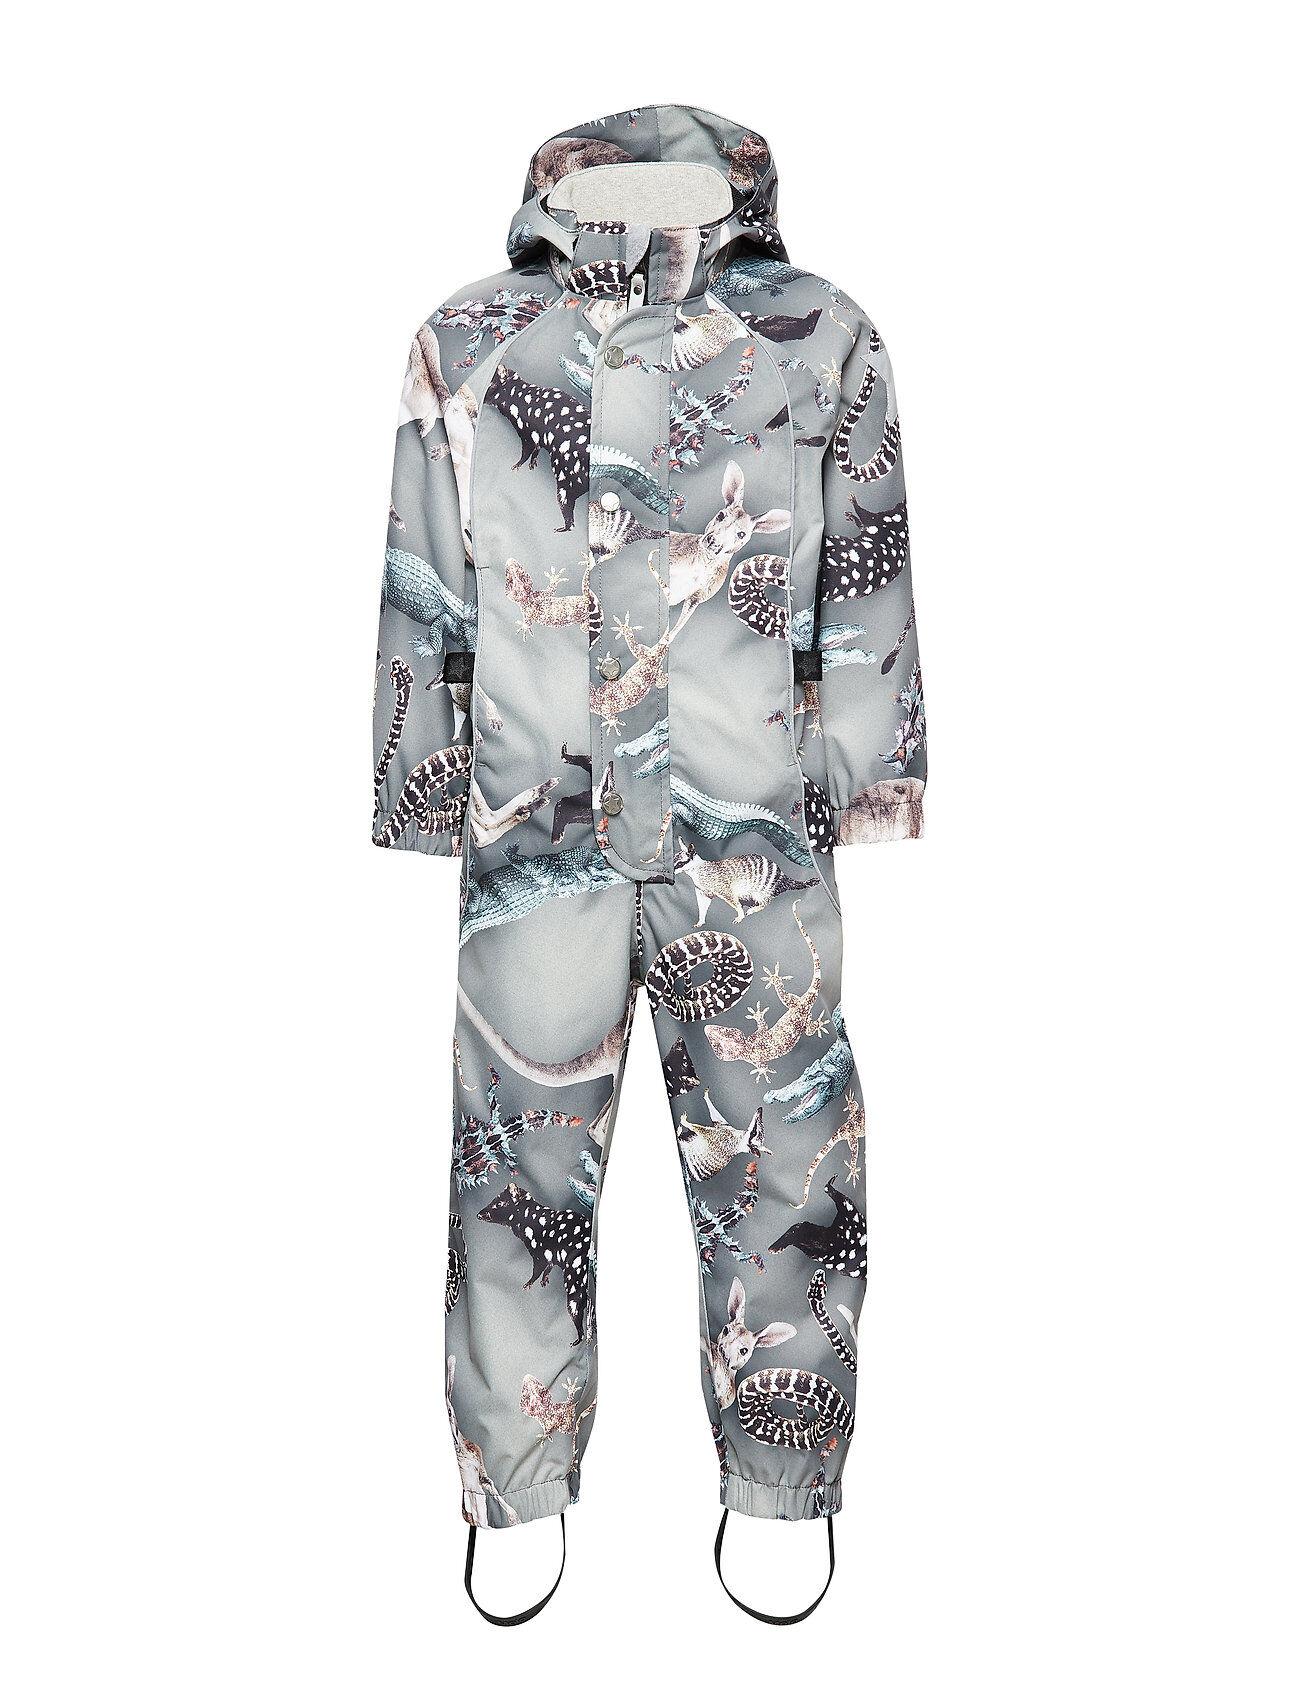 Molo Polly Outerwear Shell Clothing Shell Coveralls Harmaa Molo